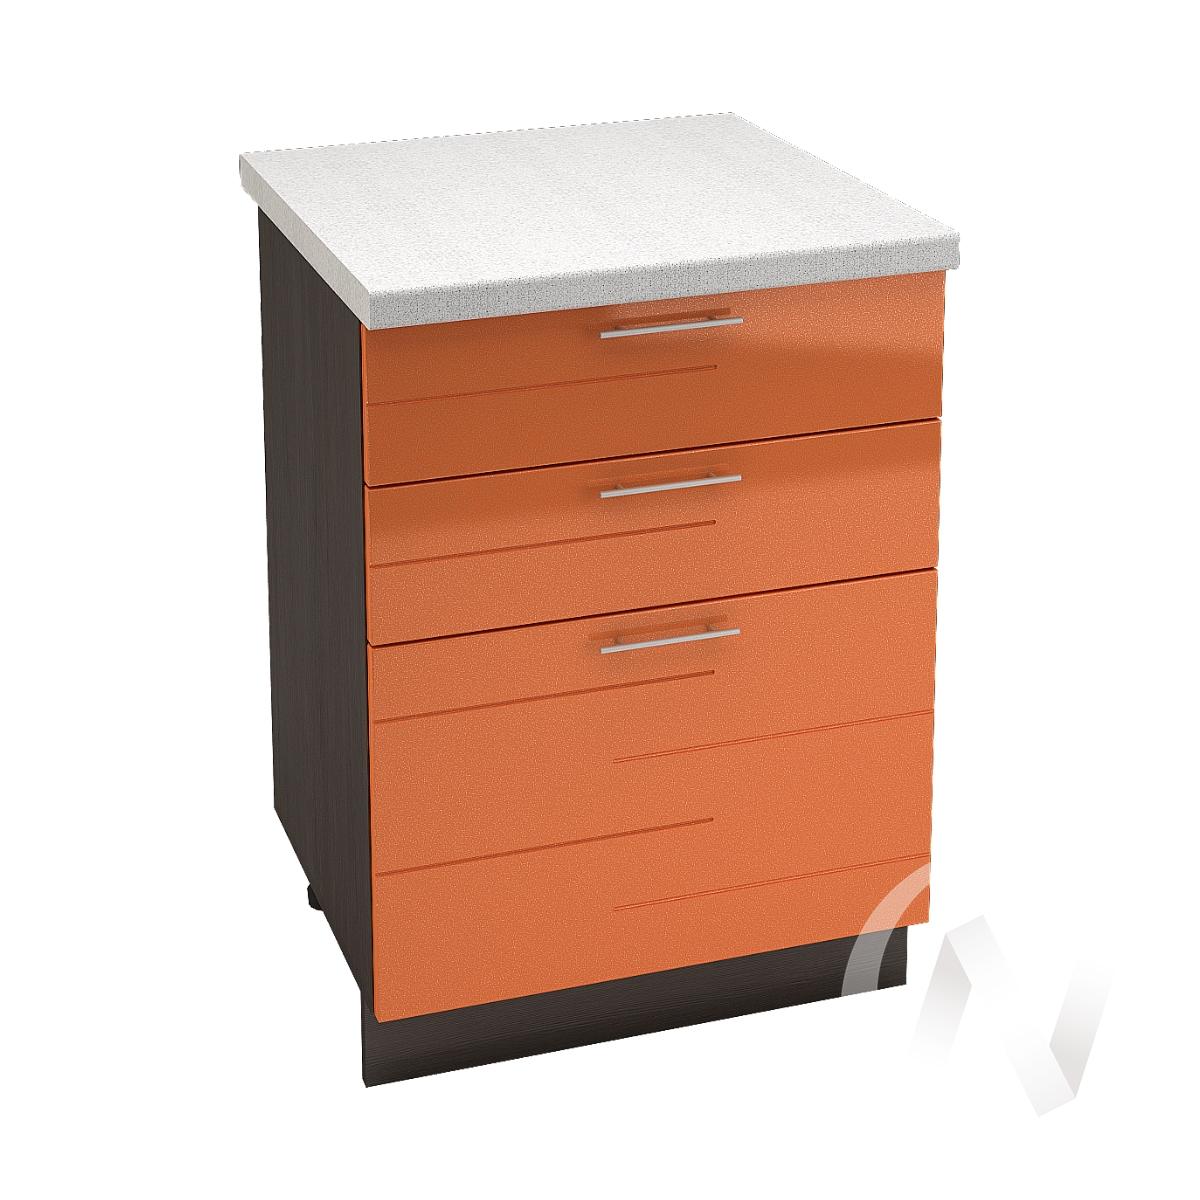 """Купить кухня """"техно"""": шкаф нижний с 3-мя ящиками 600, шн3я 600 (корпус венге) в Новосибирске в интернет-магазине Мебель плюс Техника"""